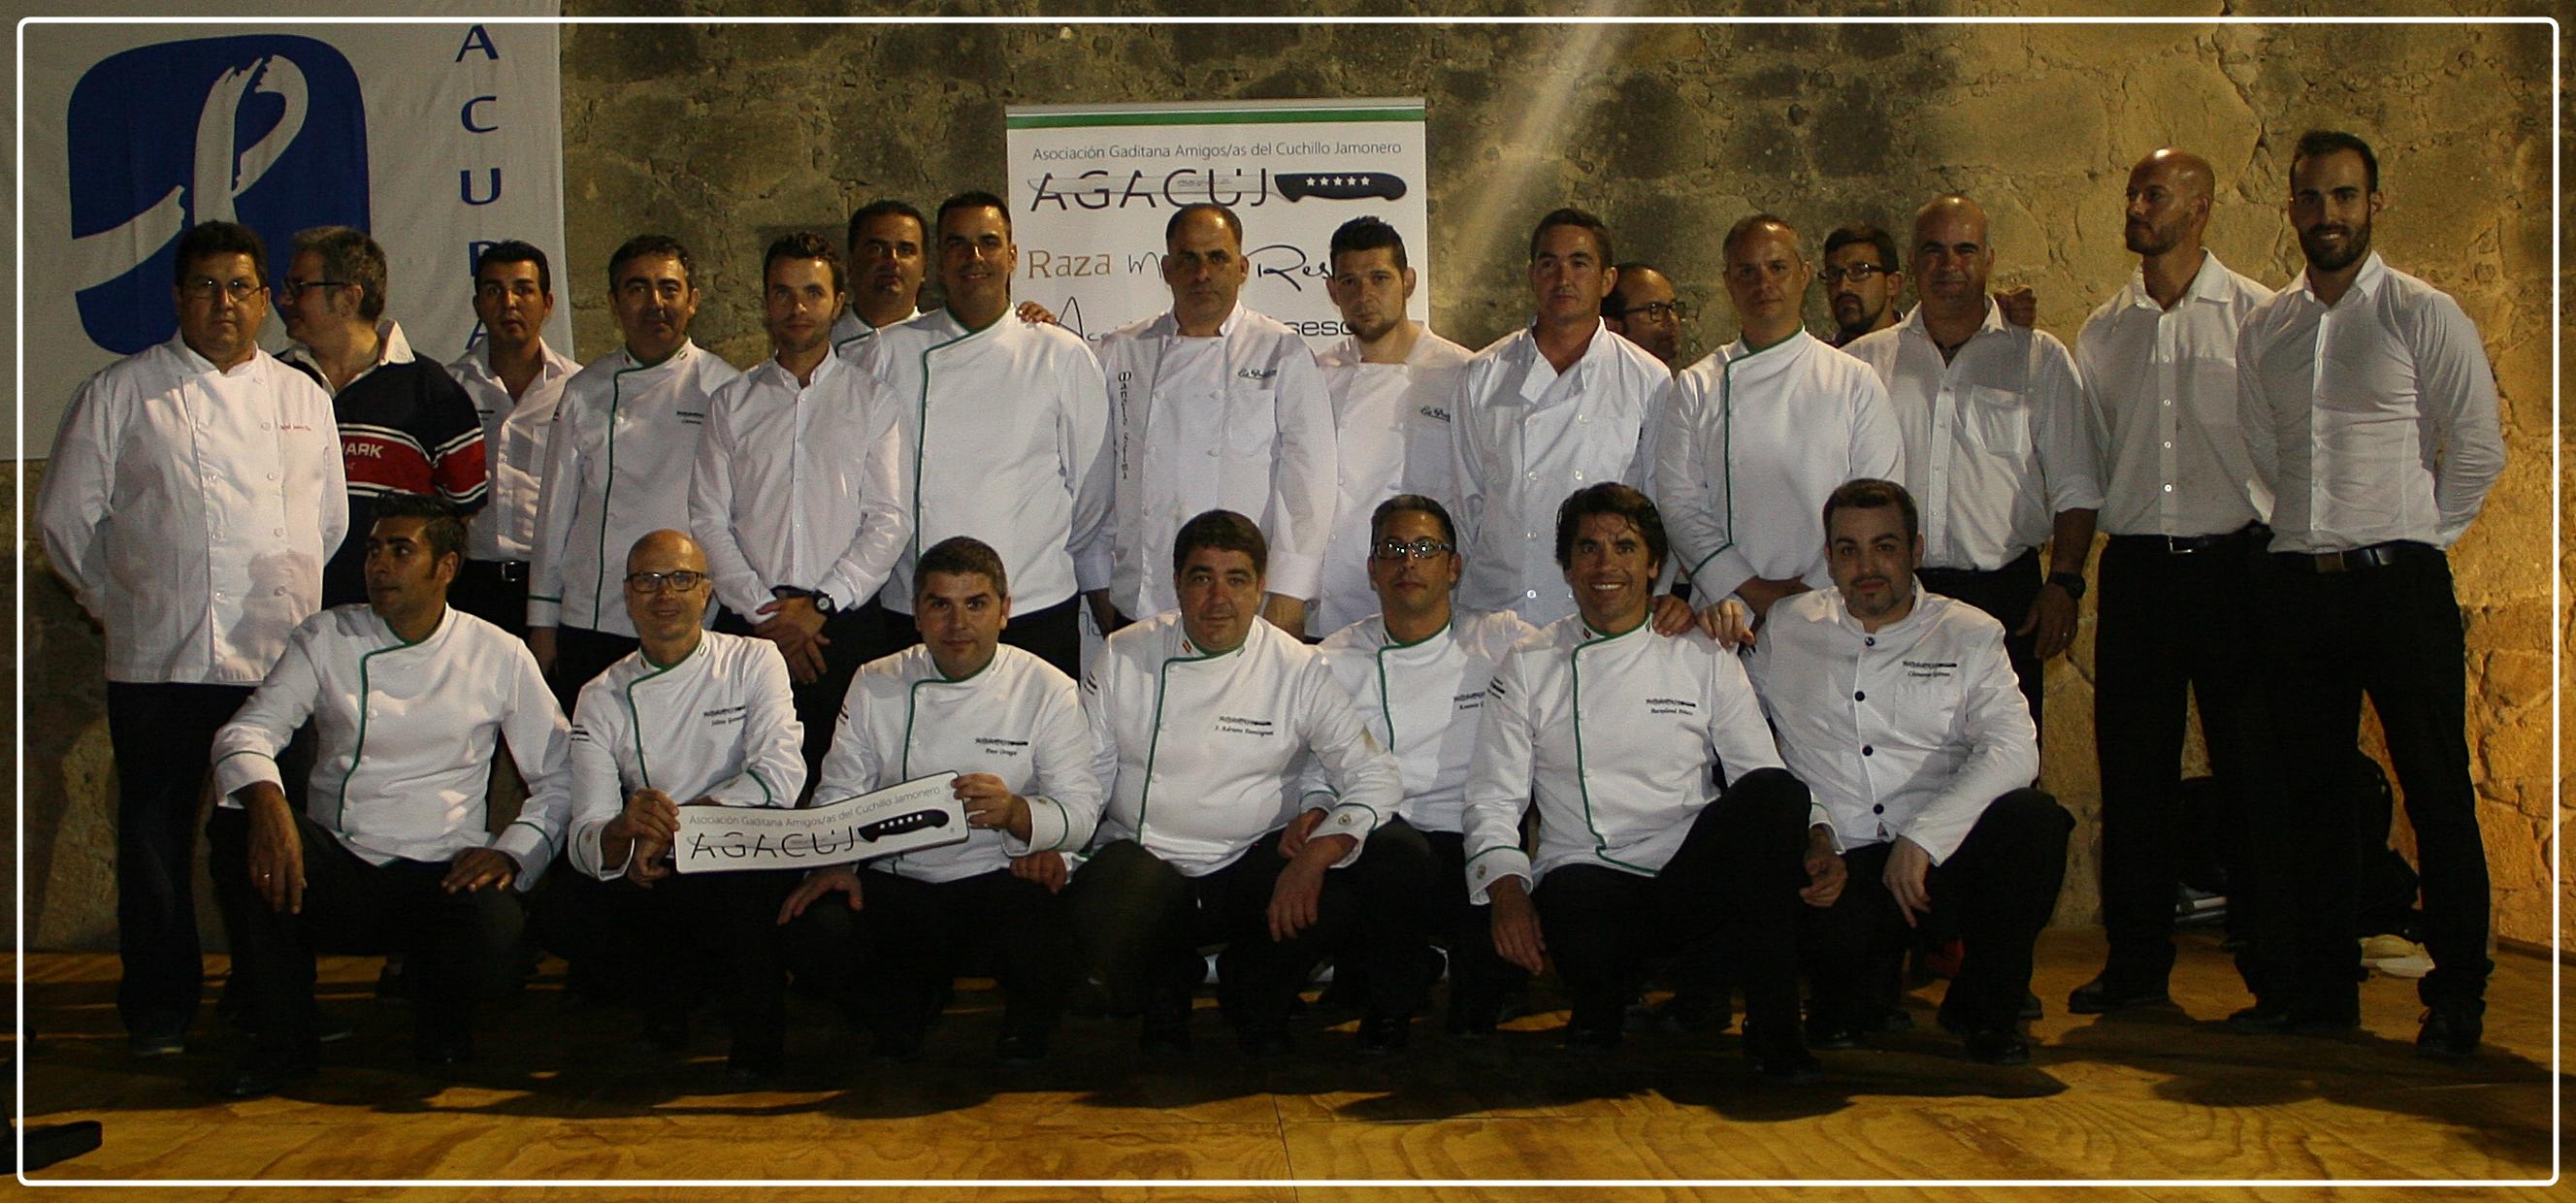 La Asociación Gaditana Amigos y Amigas del Cuchillo Jamonero (AGACUJ)